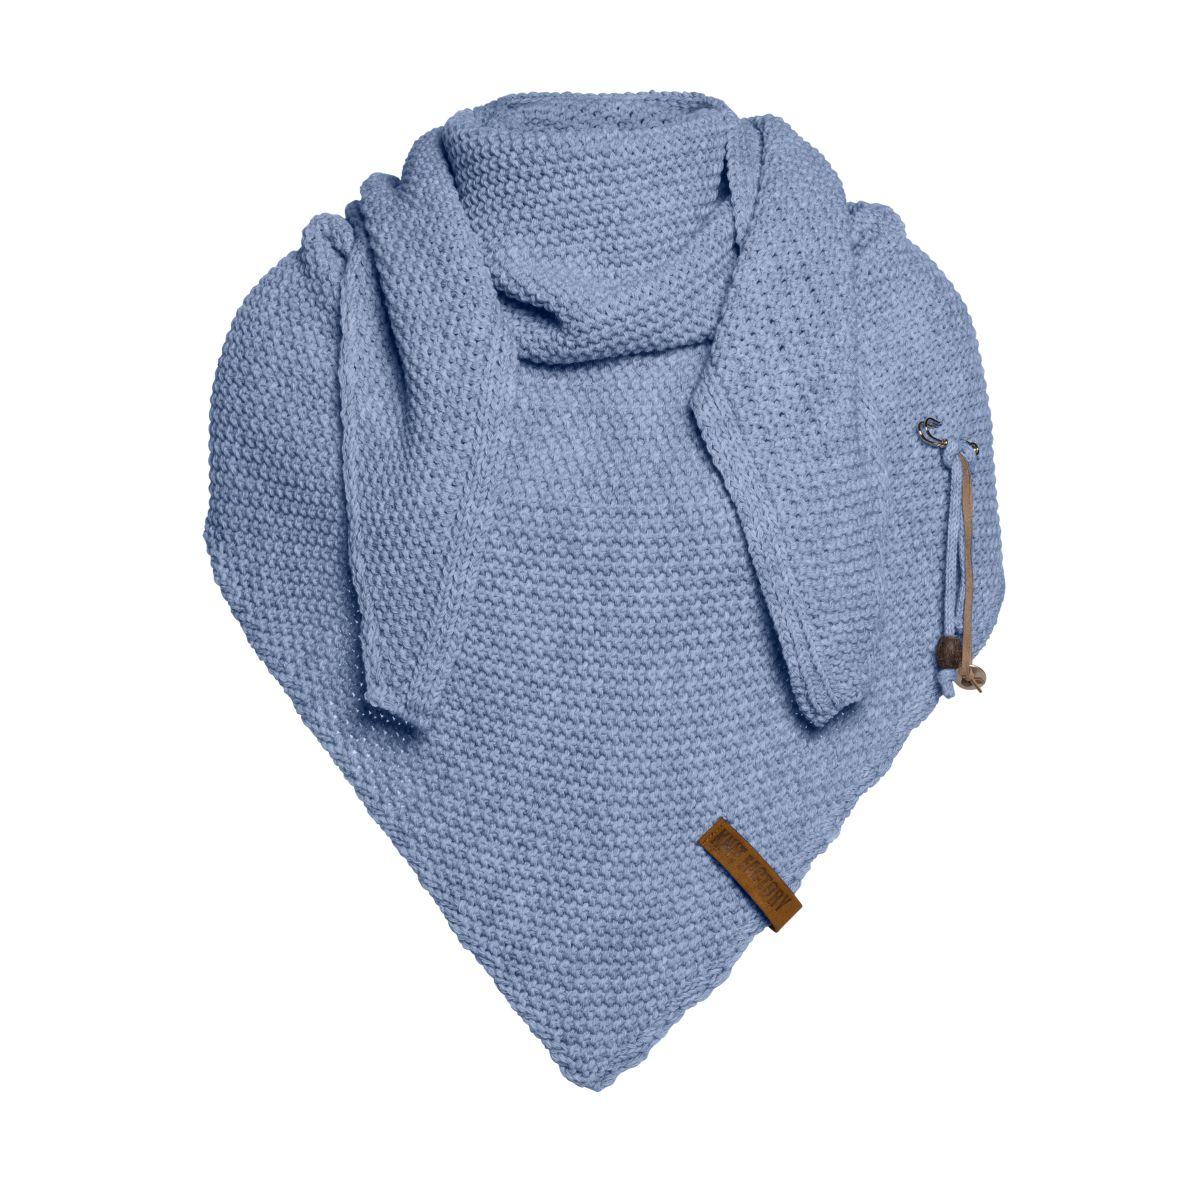 knit factory 1206032 coco omslagdoek indigo 1